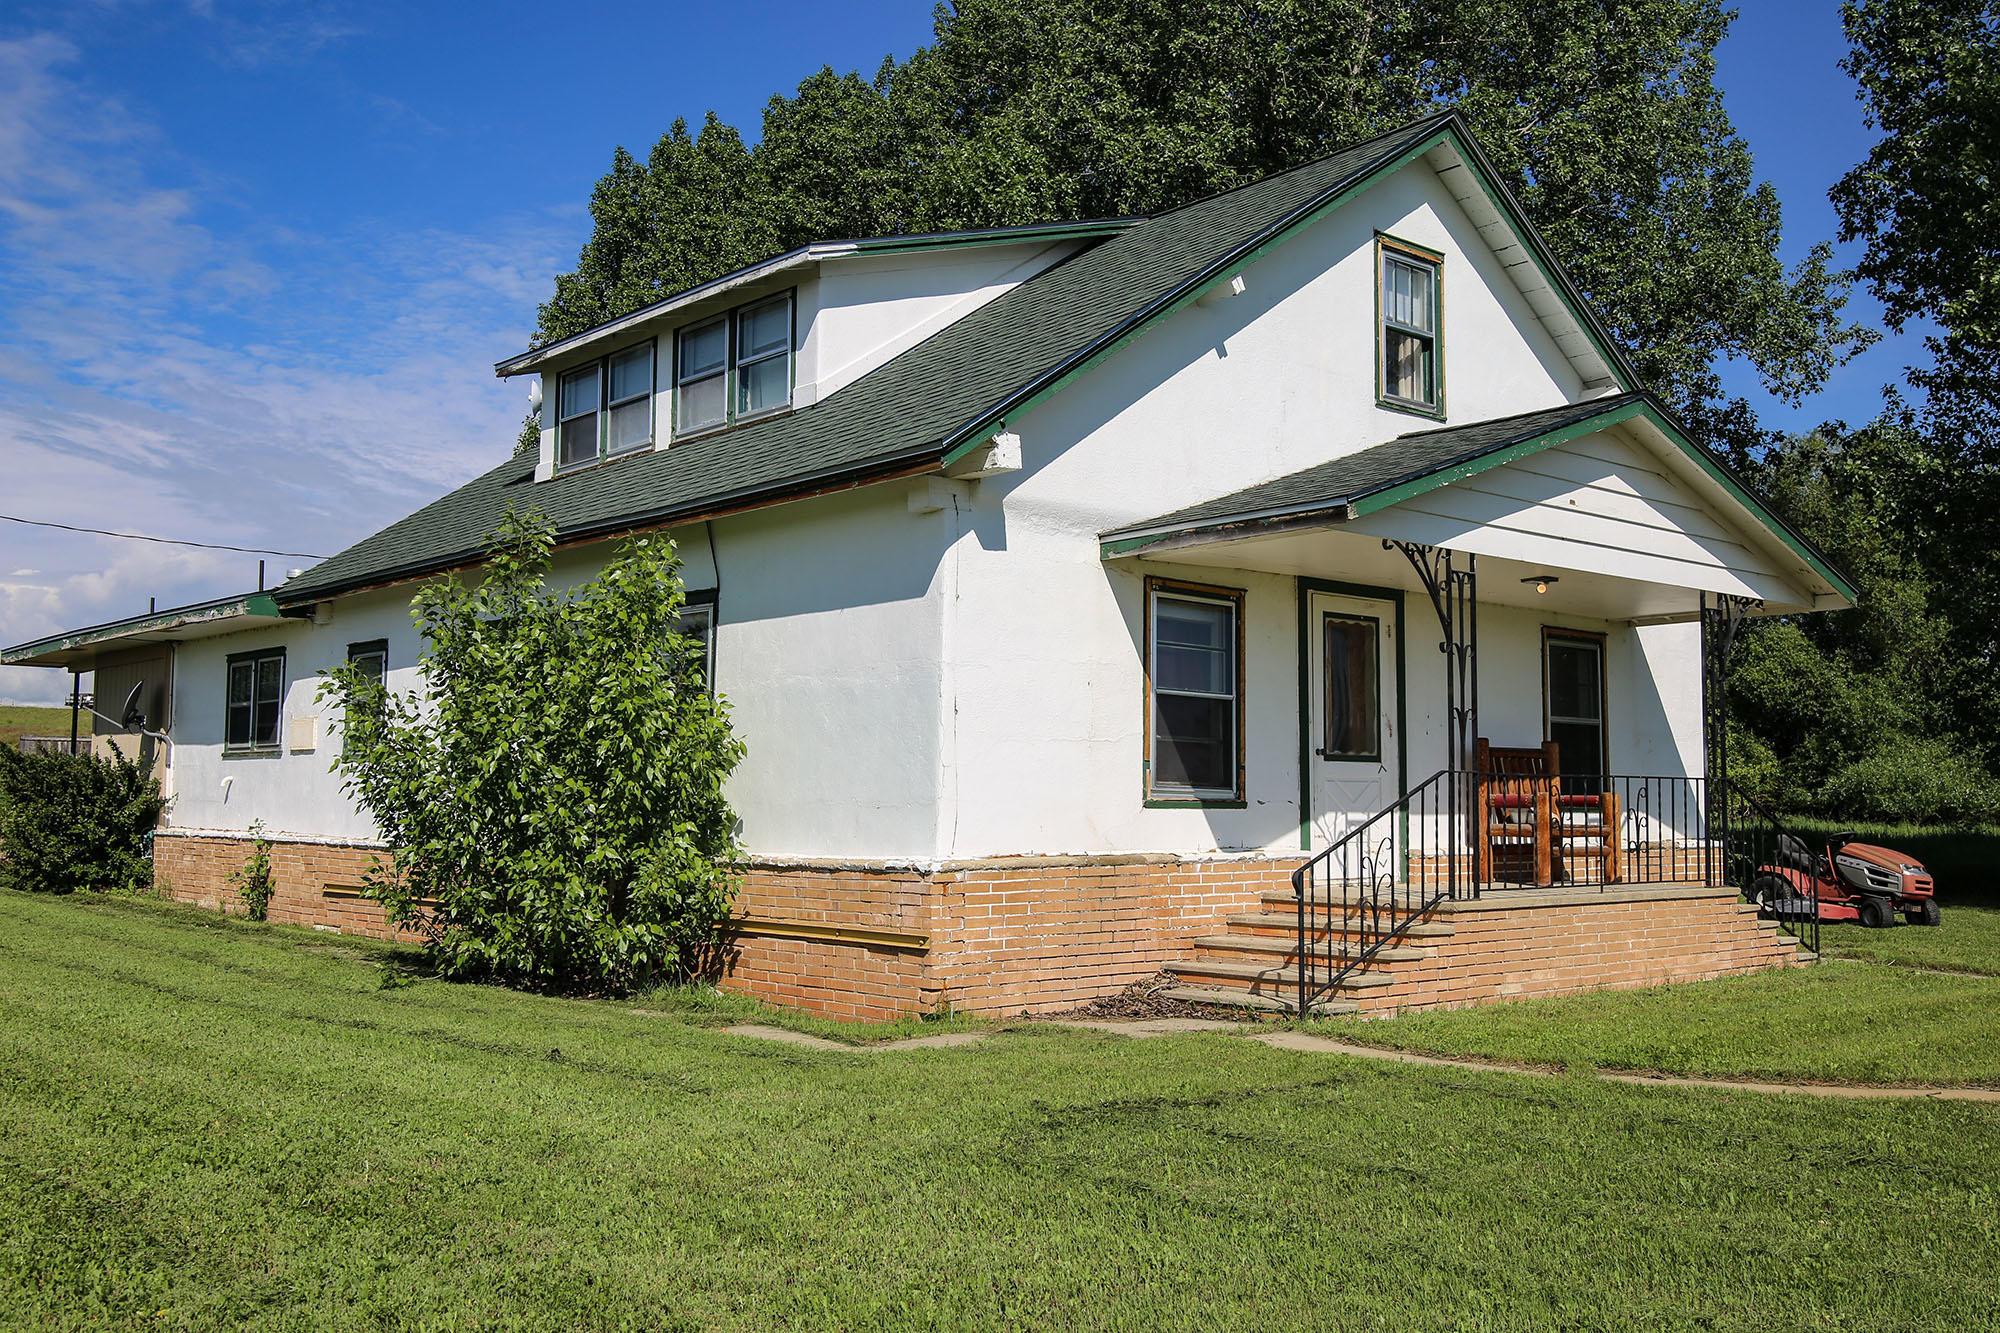 98 Decker Road, Sheridan, Wyoming 82801, 4 Bedrooms Bedrooms, ,2.5 BathroomsBathrooms,Ranch,For Sale,Decker,19-629